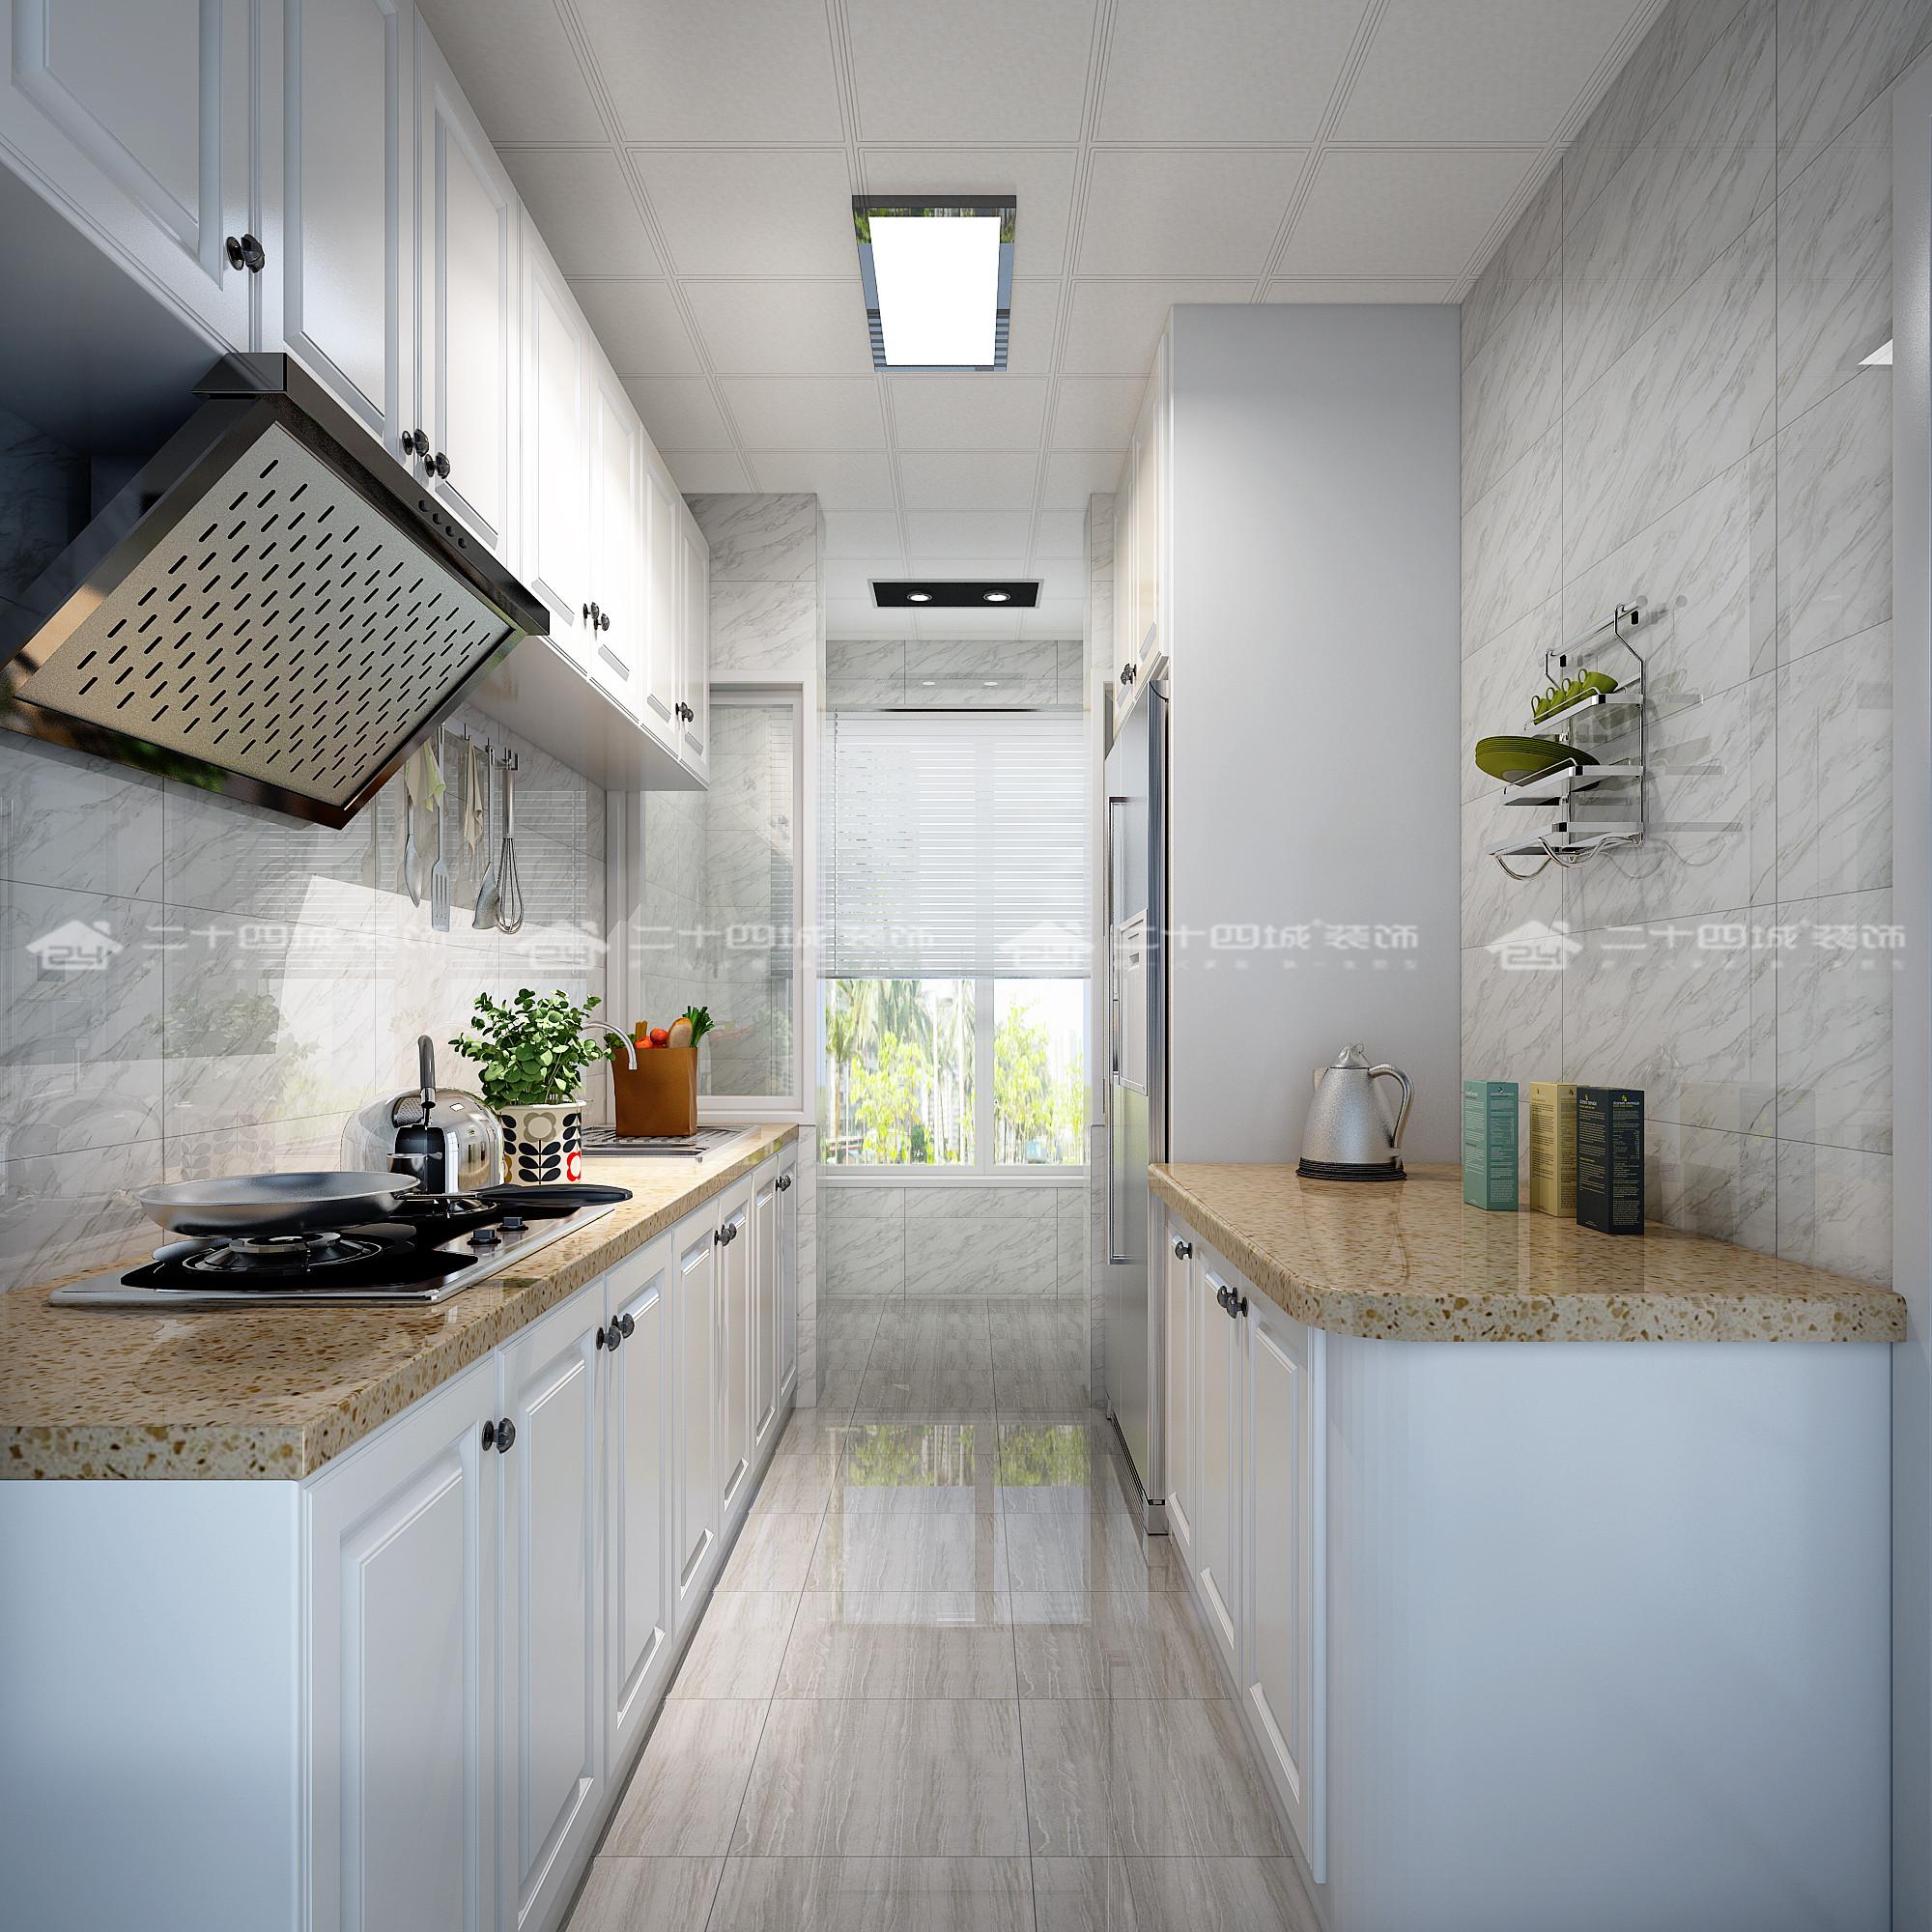 欧式 白领 小资 梦想改造家 清新 文艺 舒适 简约 厨房图片来自二十四城装饰(集团)昆明公司在银海泊岸 简欧的分享